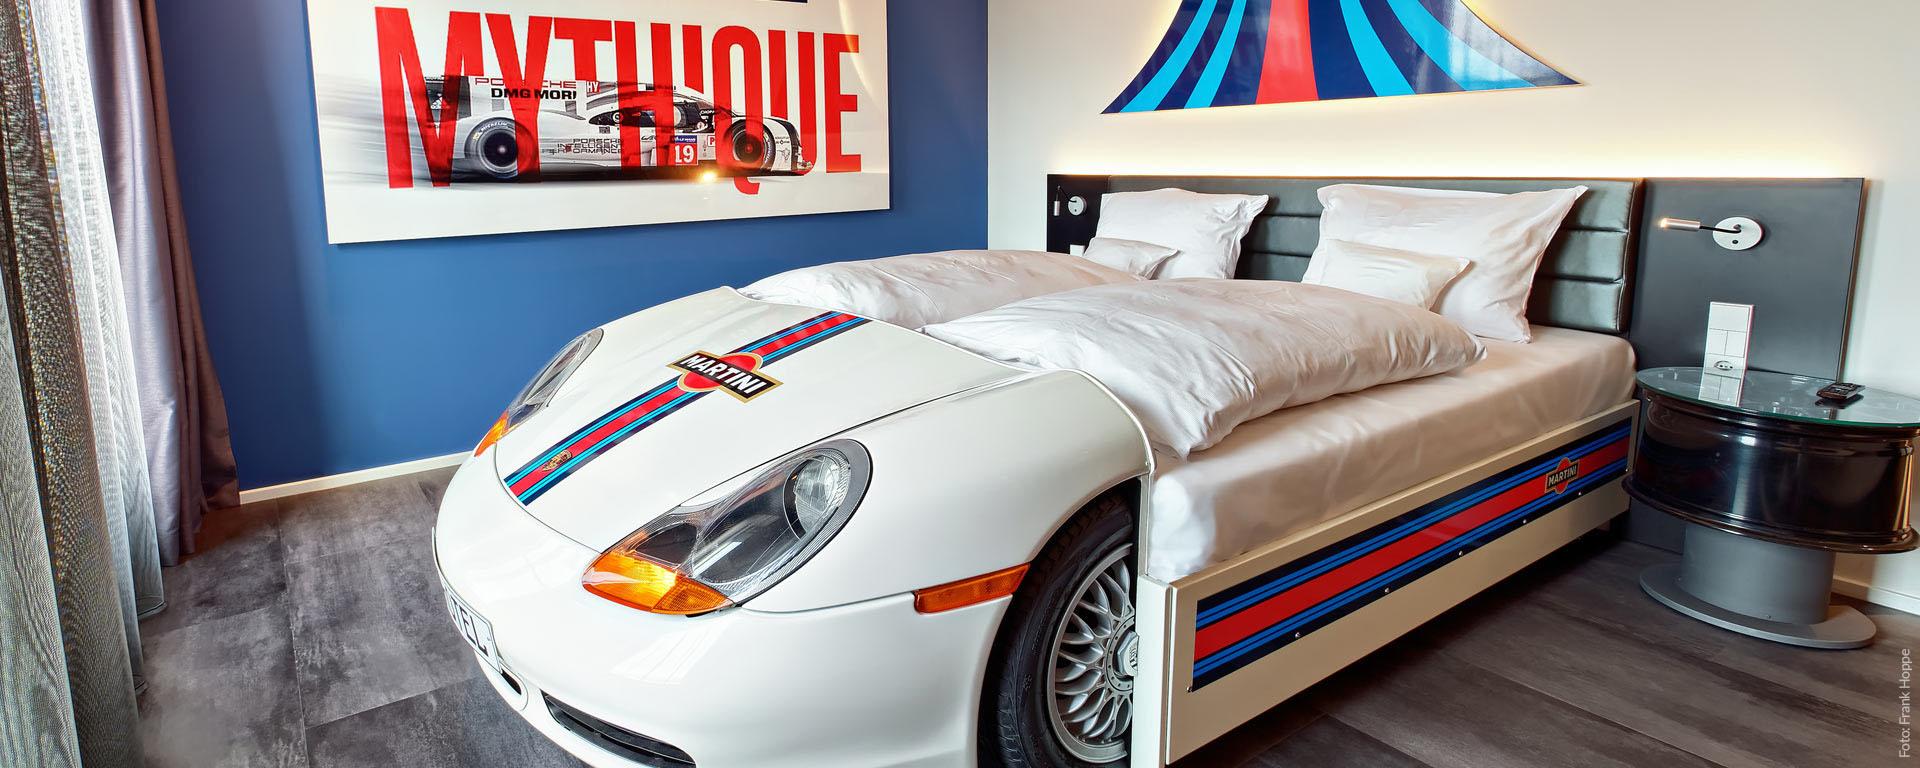 """Vier Sterne V8 Hotel Böblingen: Mythos """"Martini-Racing"""" mit Porsche Boxster-Bett: Die Unterkunft für Porsche-Liebhaber: """"Petrolheads"""" Themenzimmer"""